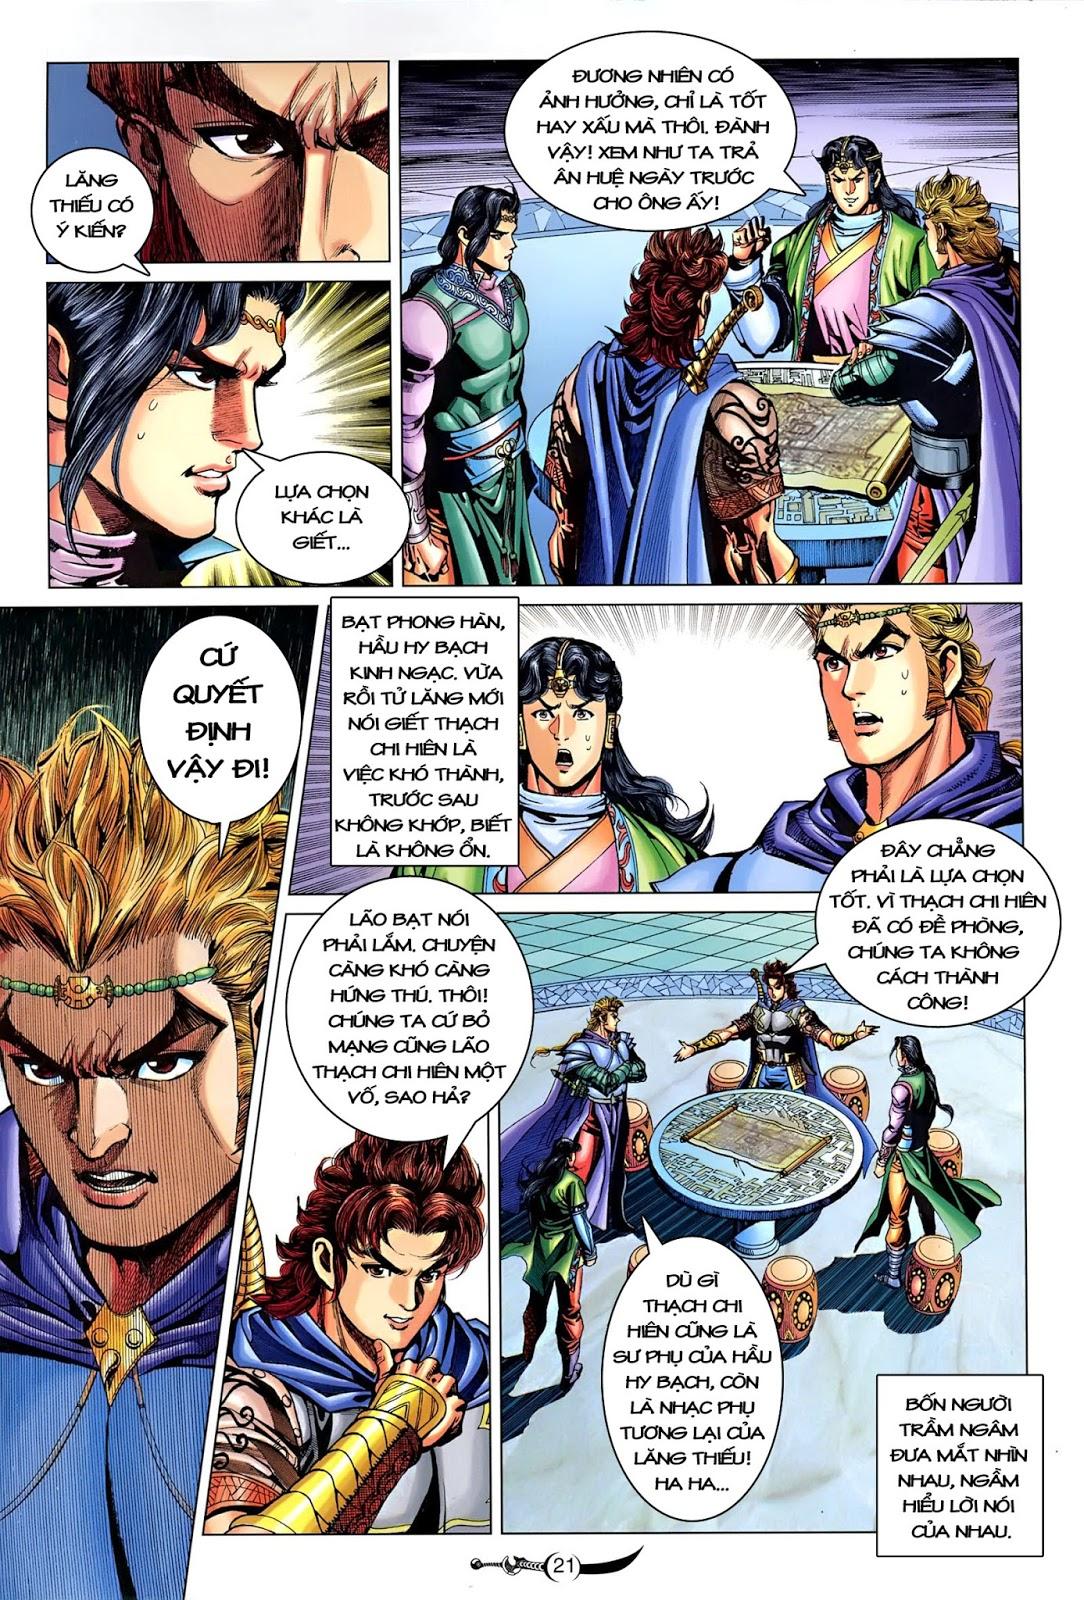 Đại Đường Song Long Truyện chap 216 - Trang 23